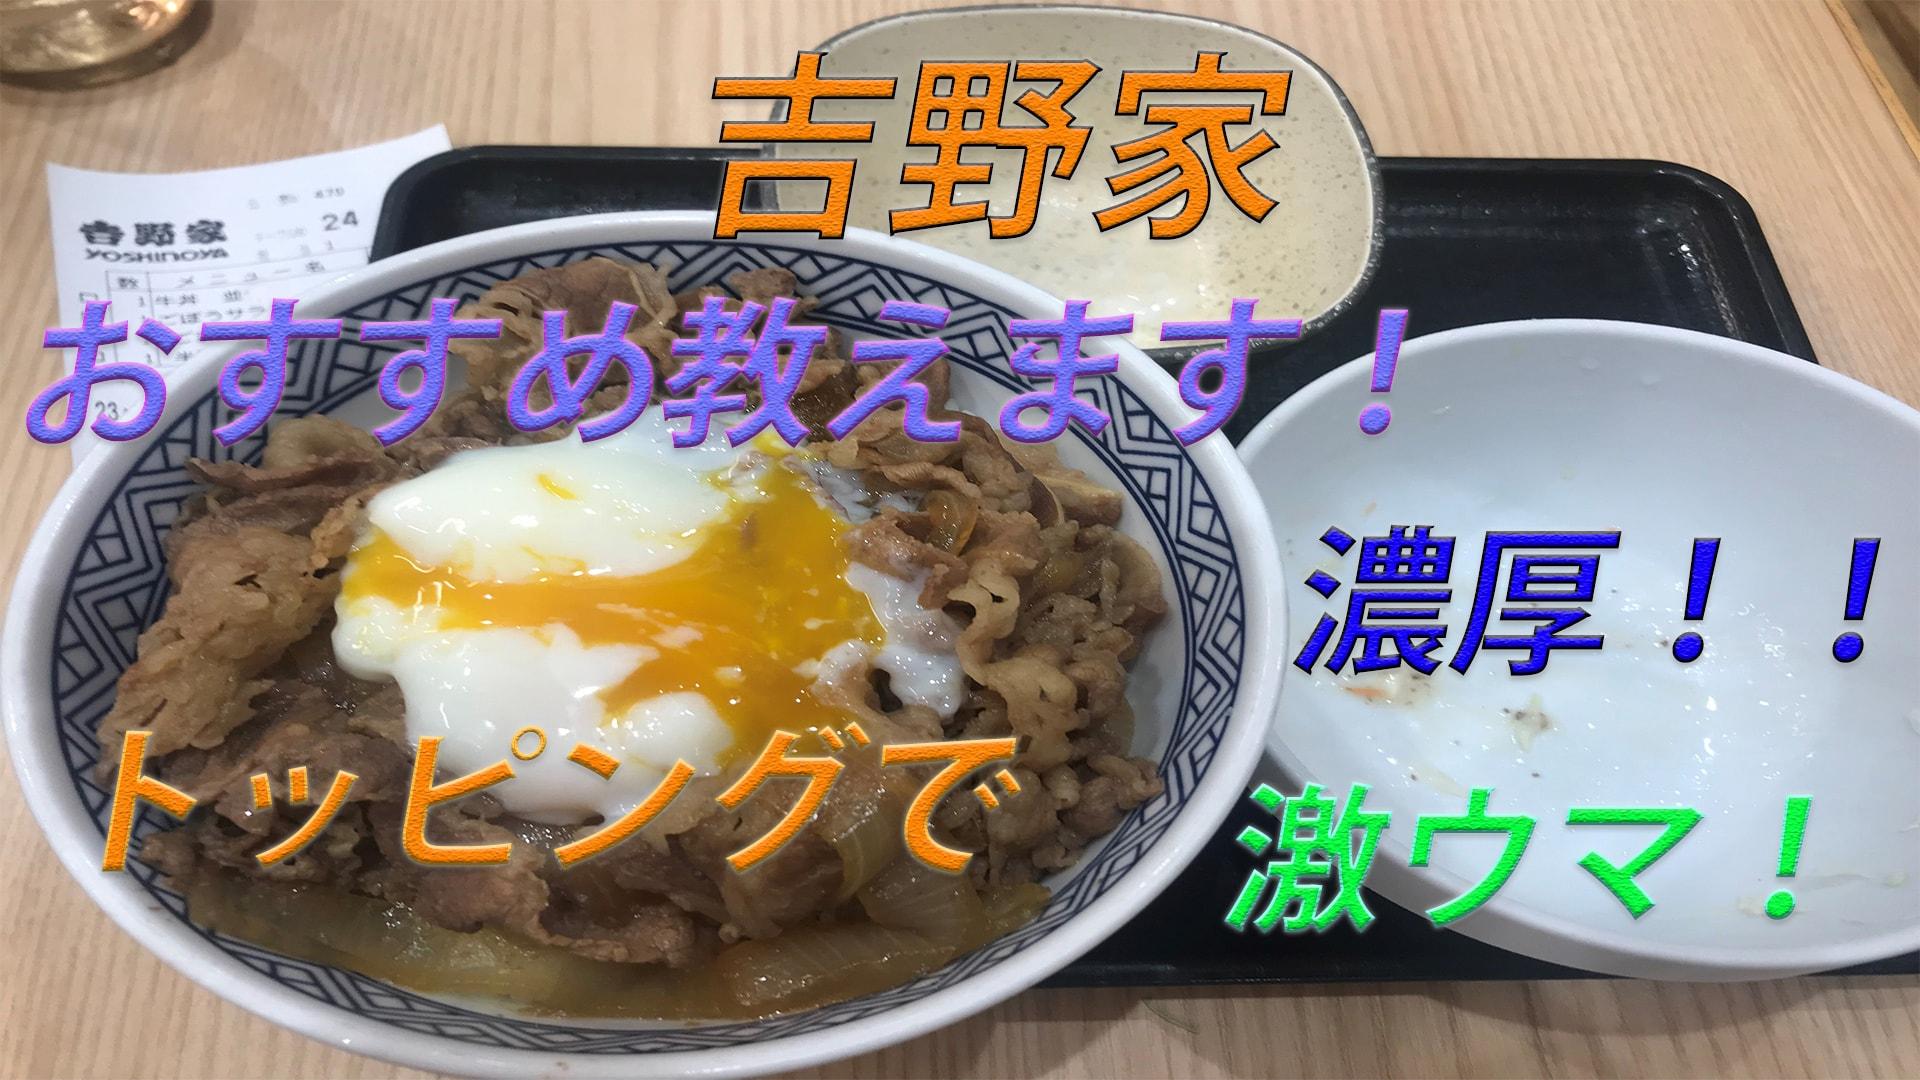 【おすすめ】吉野家でリピート確定!美味しい食べ方!!